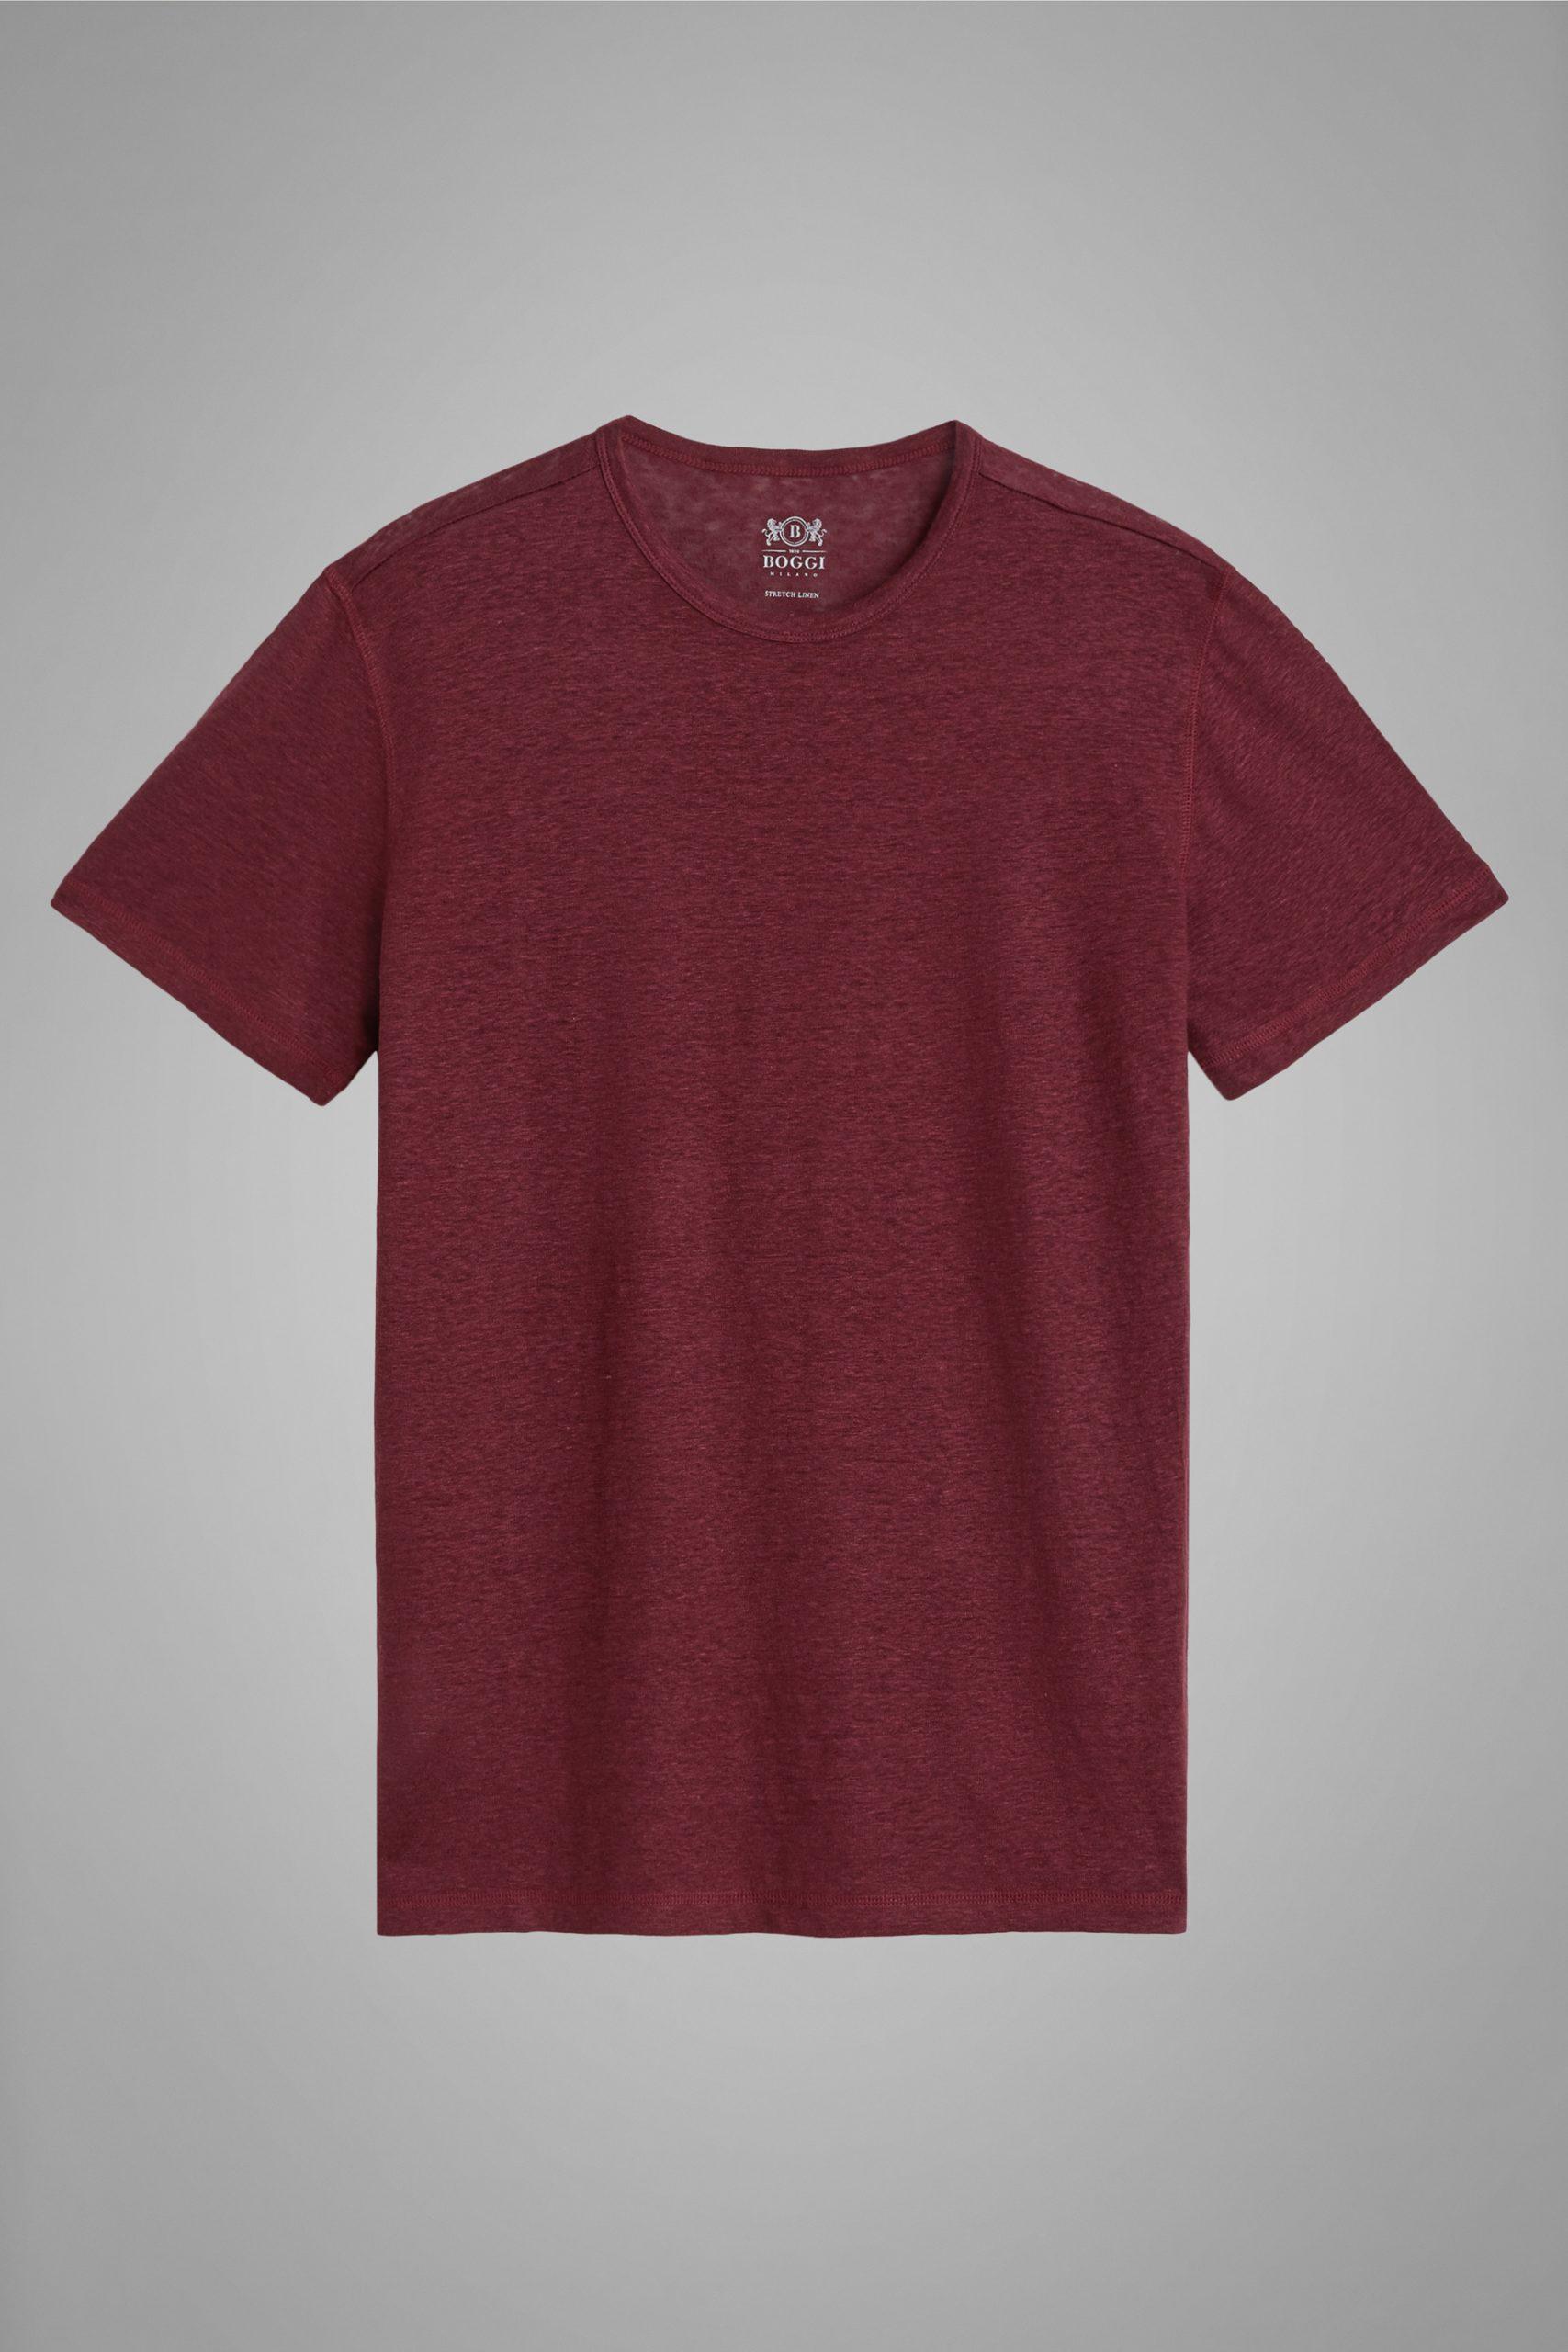 T-Shirts da uomo in colore Bordeaux in materiale